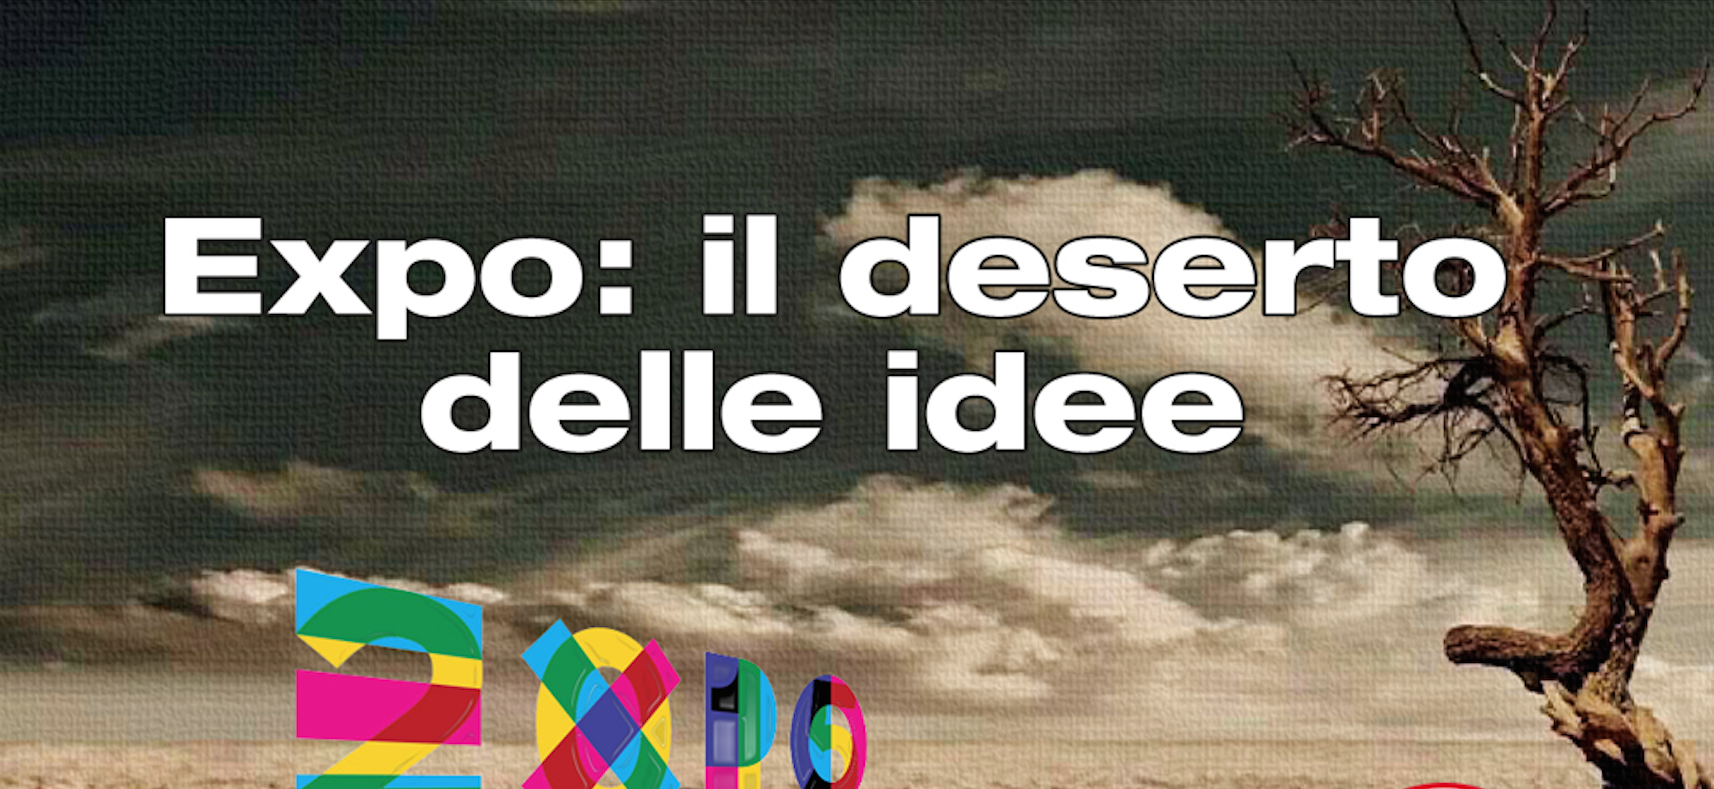 Post Expo: a distanza di un anno Regione Lombardia non sa ancora che fare su quelle aree